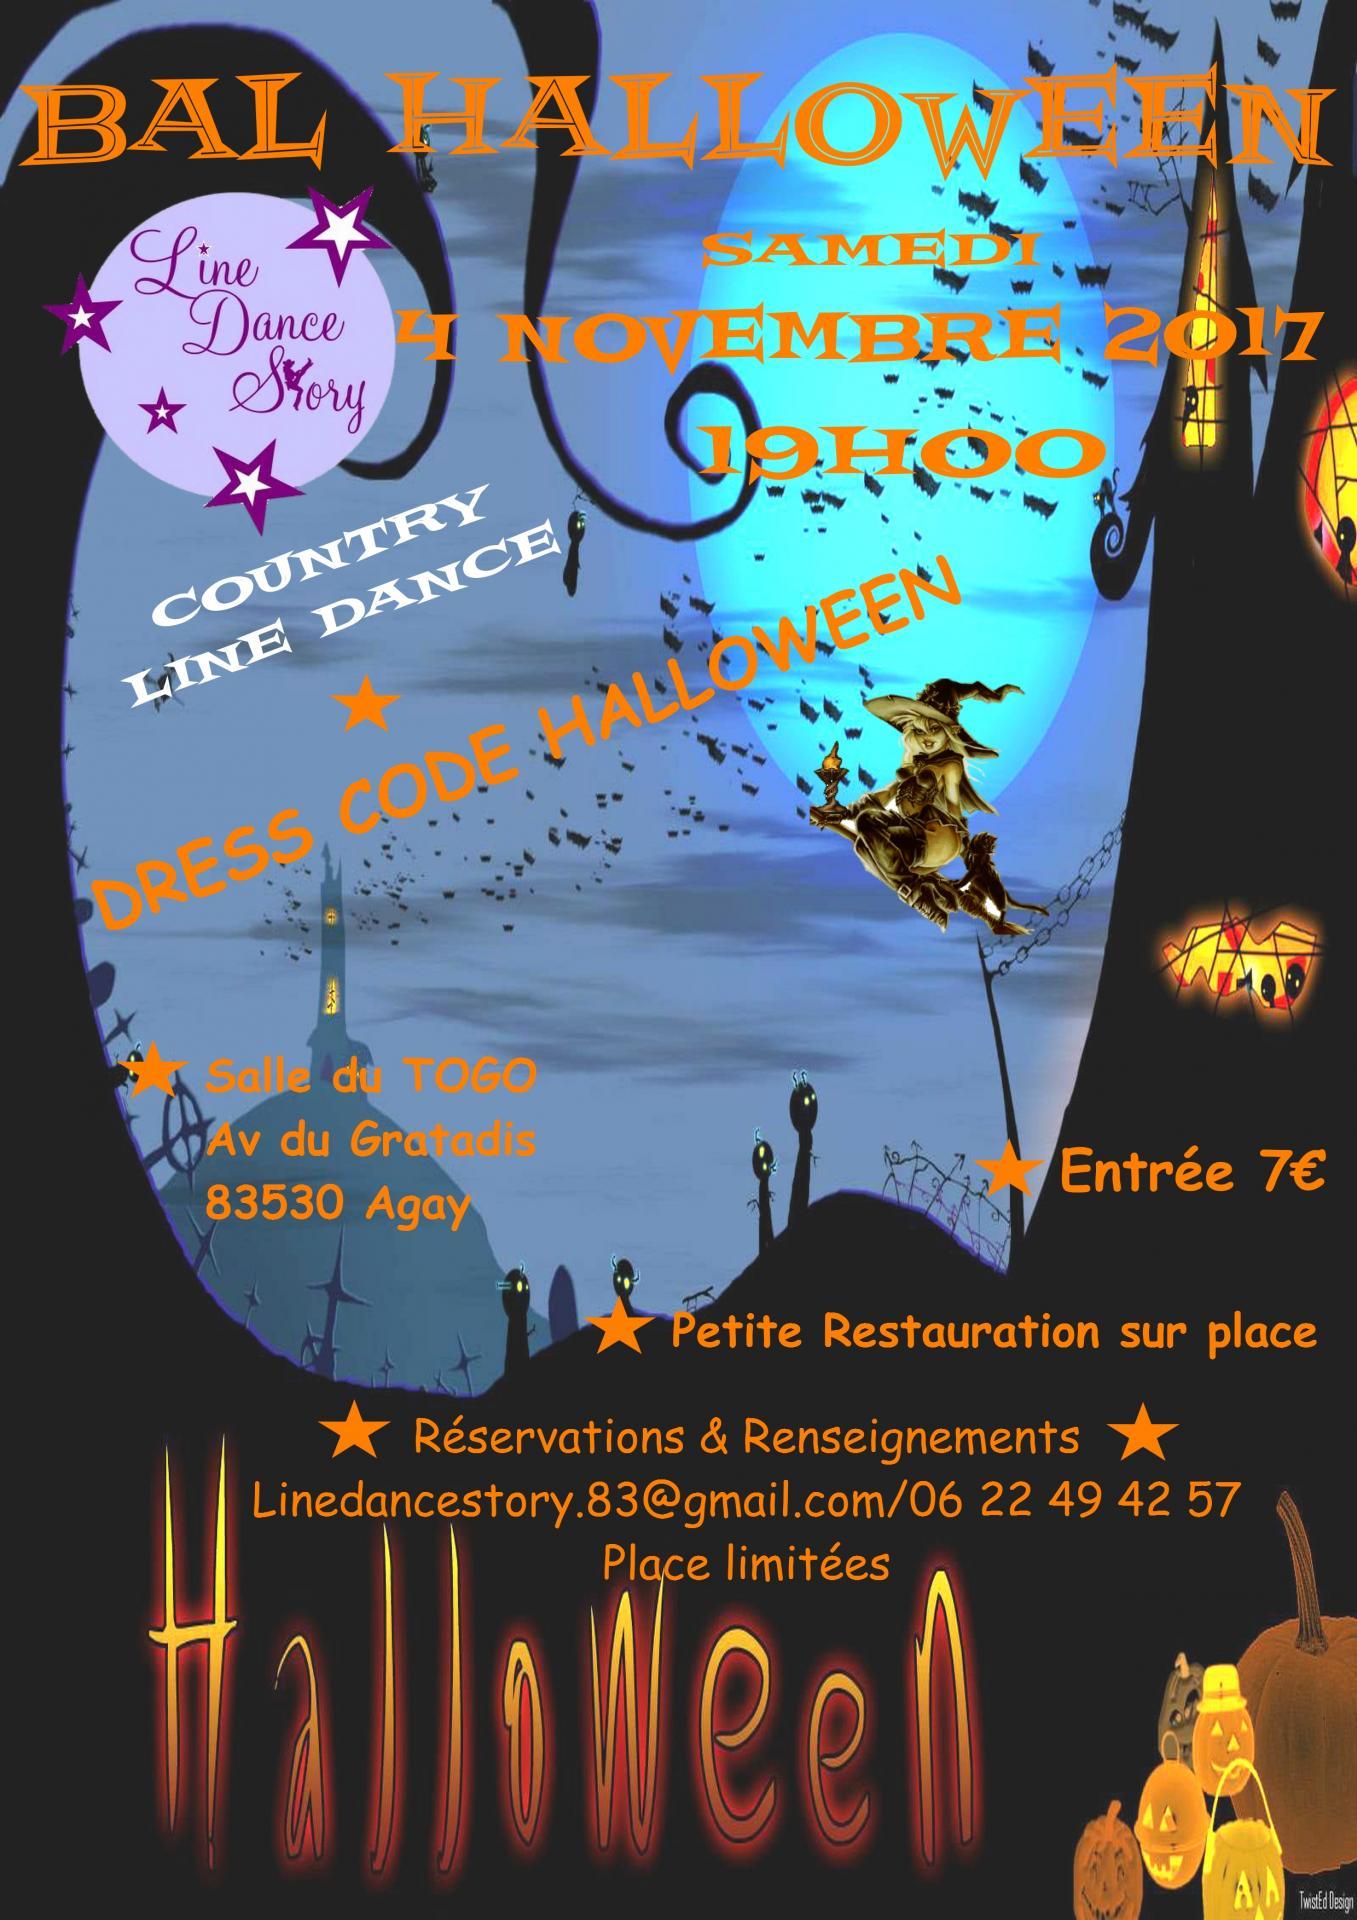 Bal halloween image 1